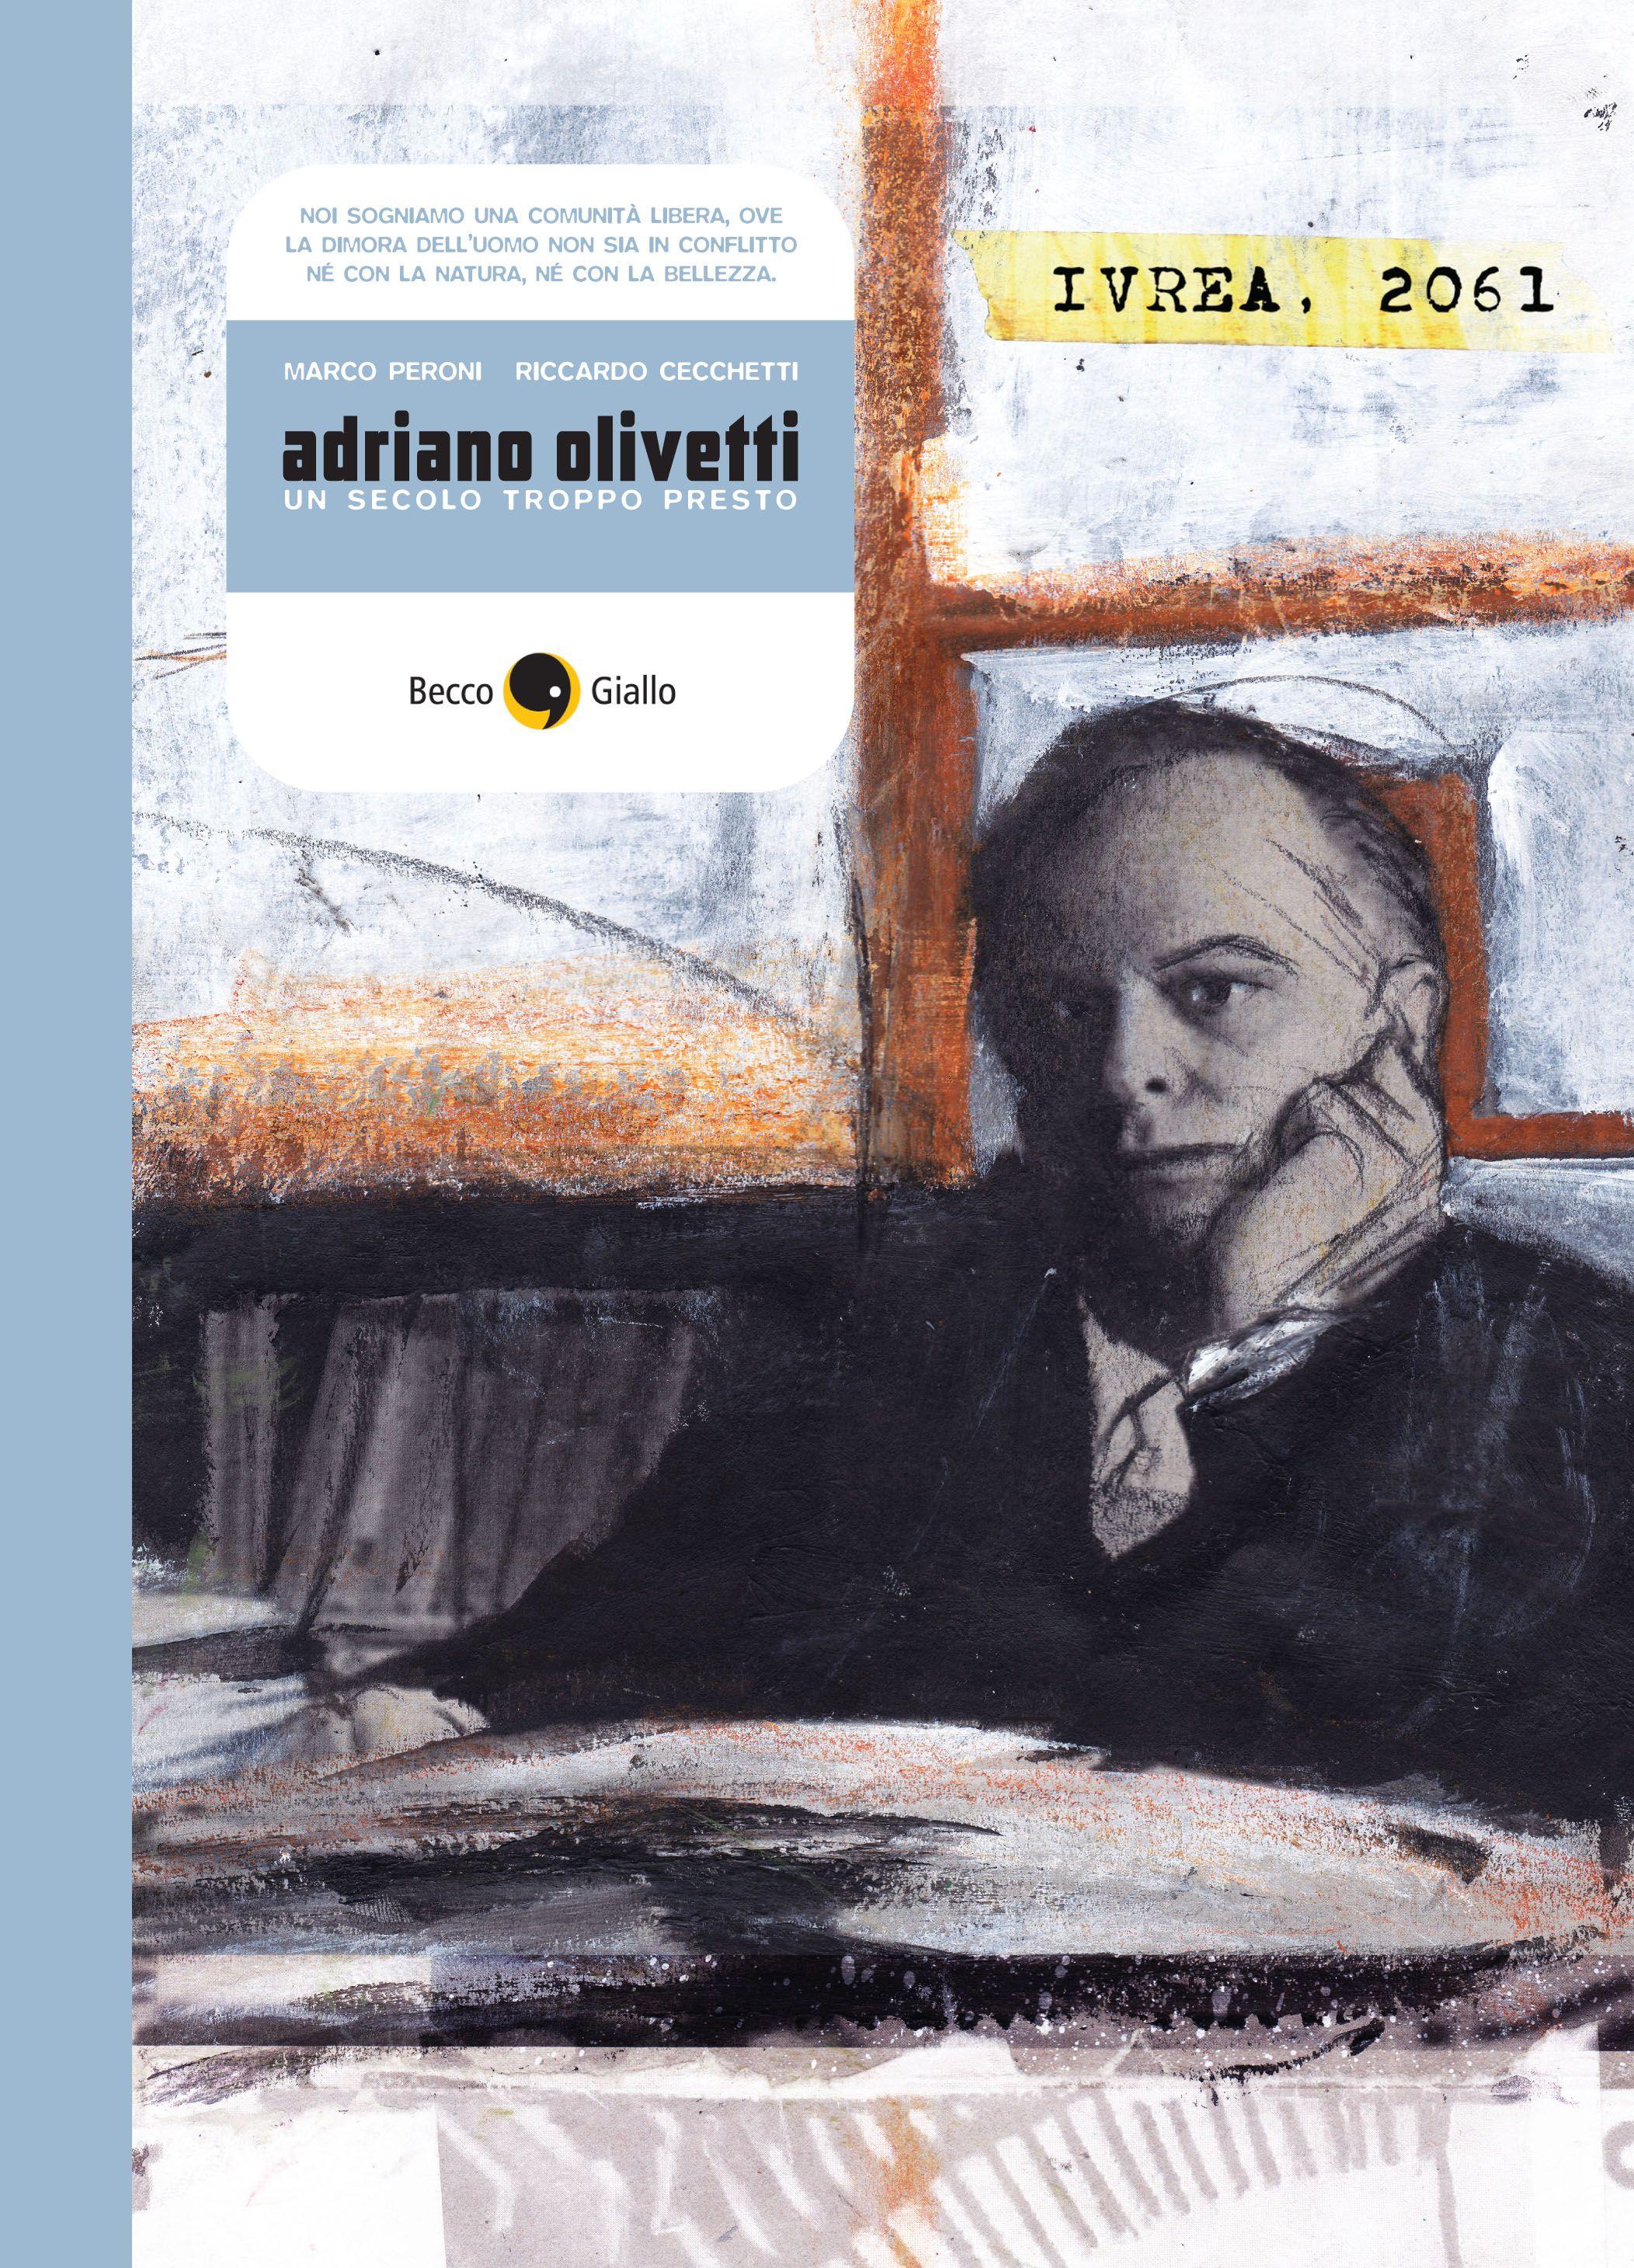 Copertina di 'ADRIANO OLIVETTI, un secolo troppo presto', di Marco Peroni e Riccardo Cecchetti.